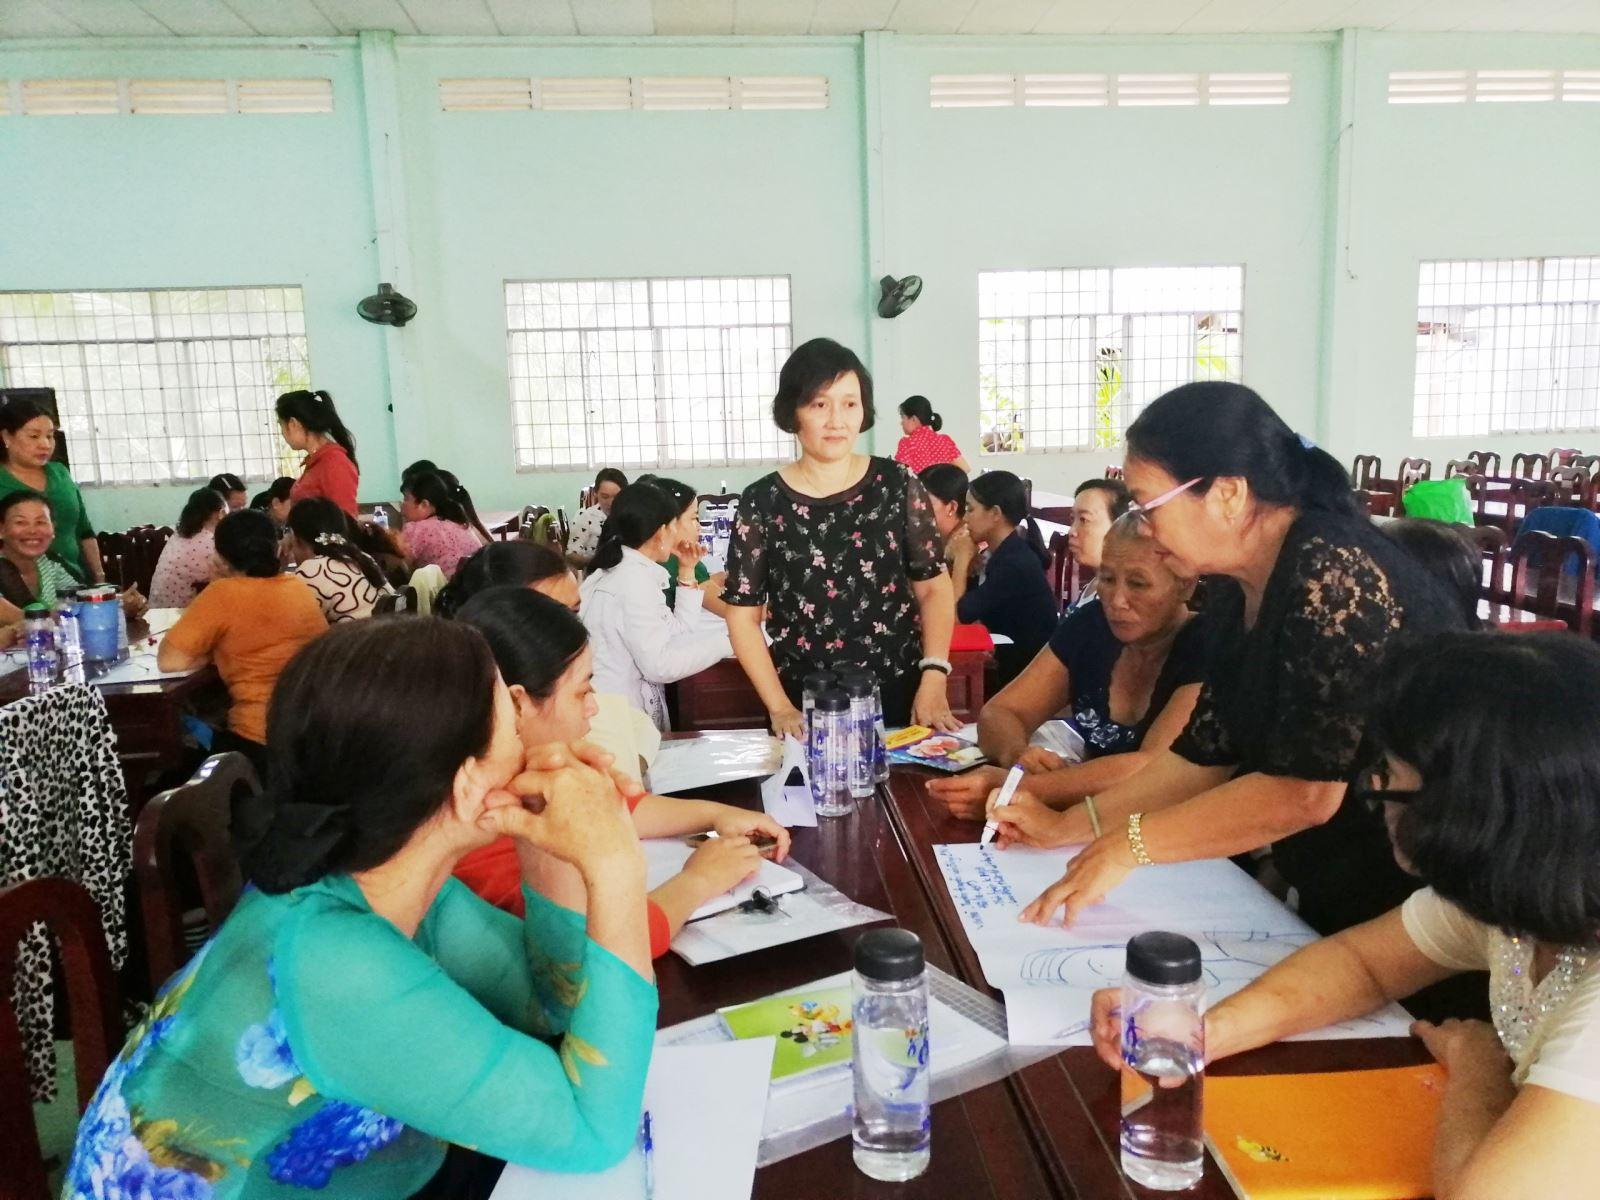 Học viện Phụ nữ Việt Nam hỗ trợ Hội Liên hiệp Phụ nữ tỉnh Vĩnh Long trong hoạt động phát triển hội viên tại các xã có tỉ lệ dưới 50%